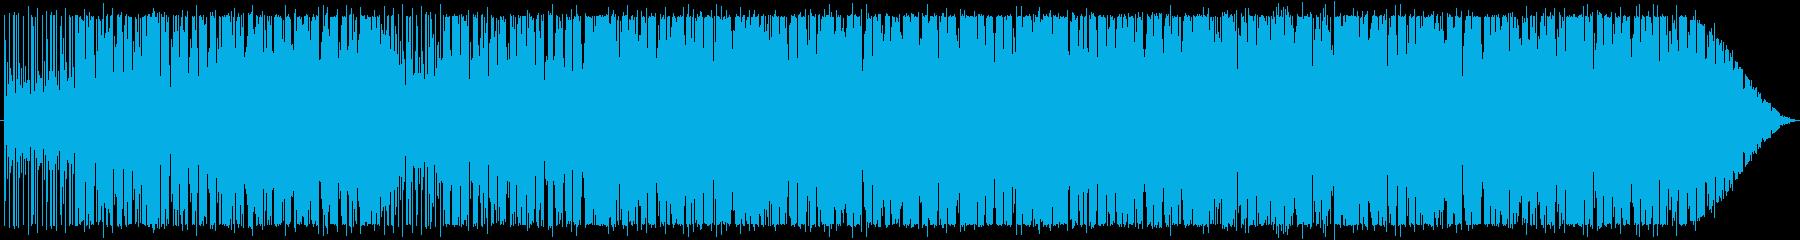 カッティングギターでシンプルフレーズ。の再生済みの波形